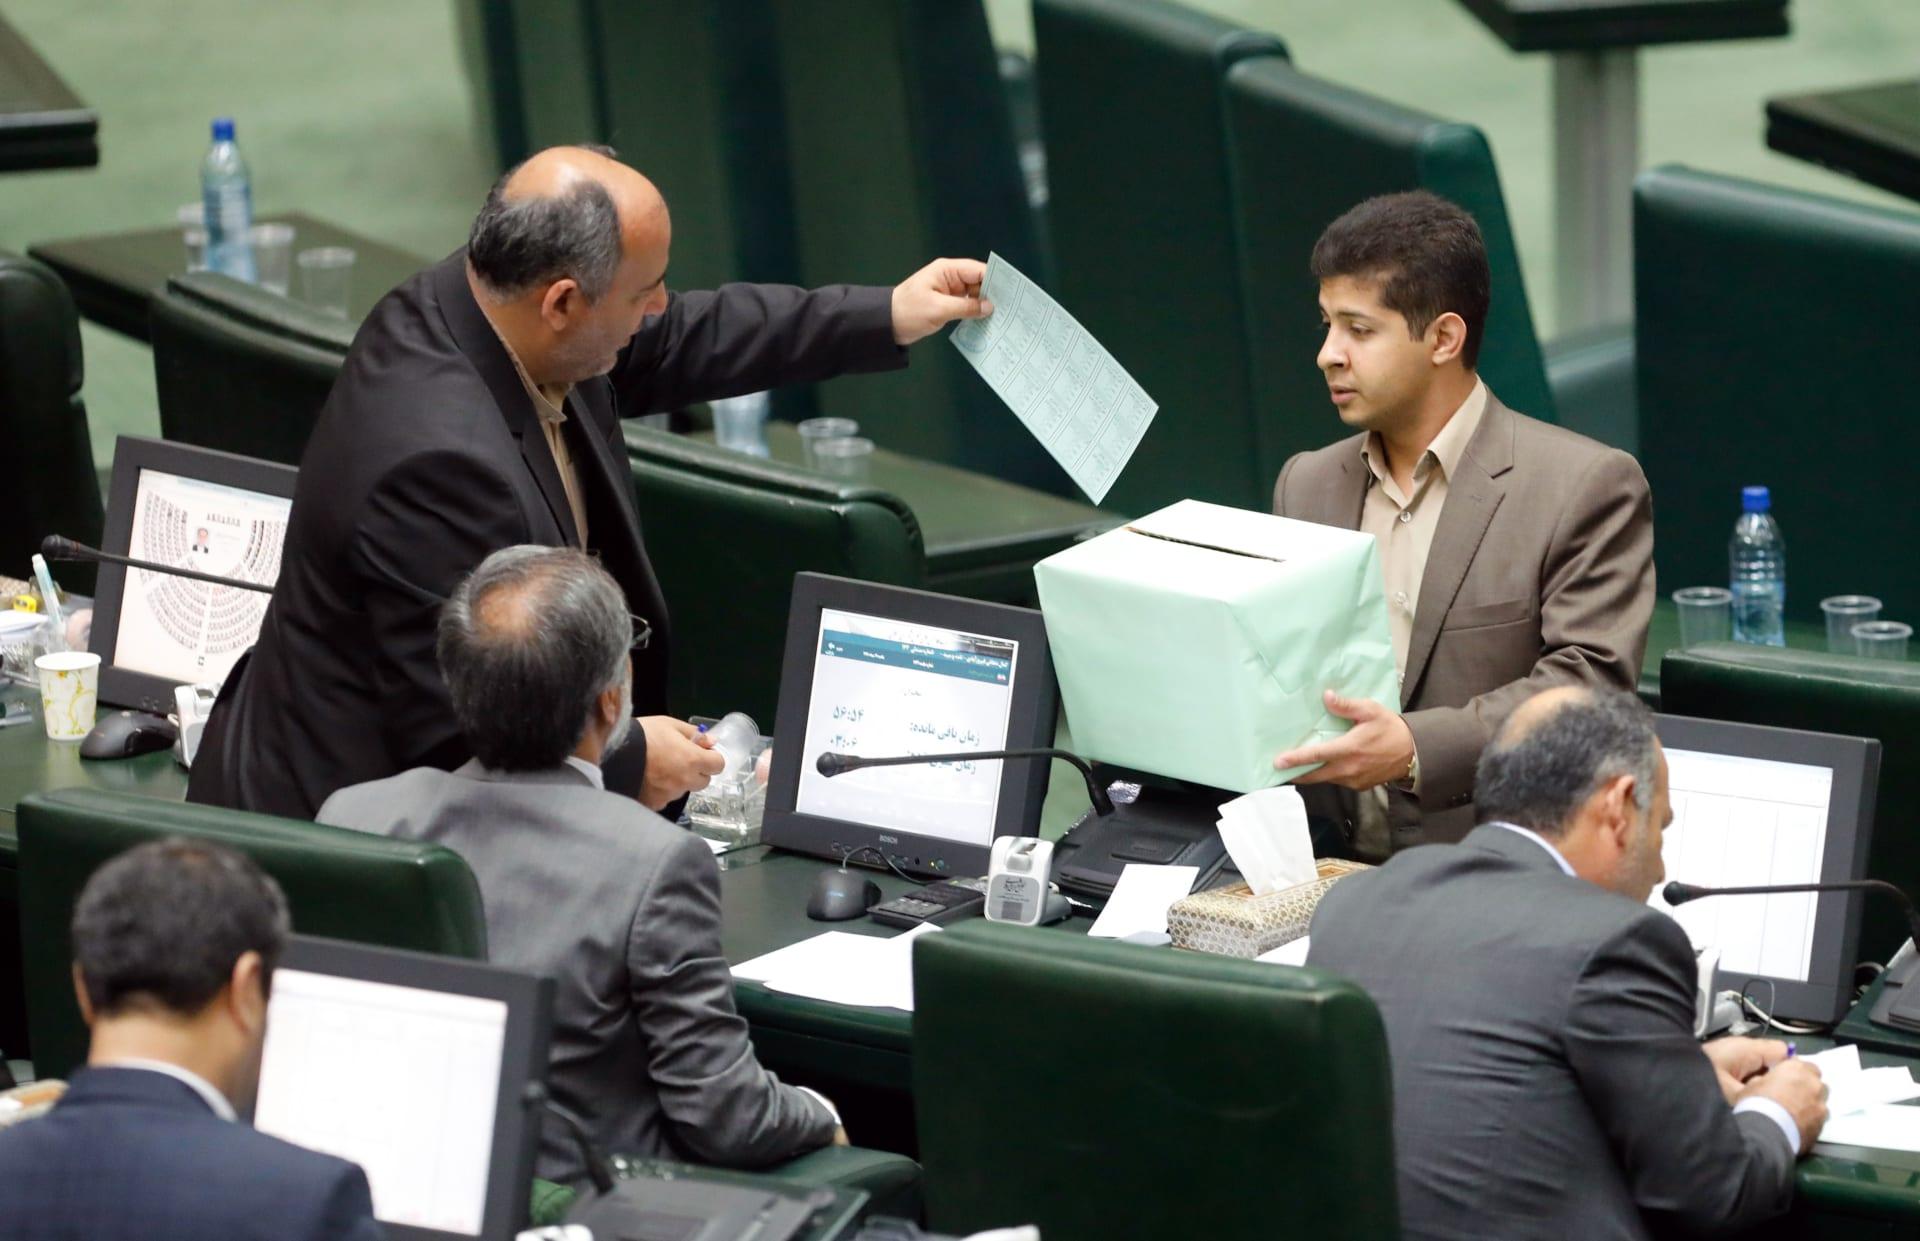 ترامب: صفقة إيران ناقصة وسلمناهم المال دون الحصول على مقابل